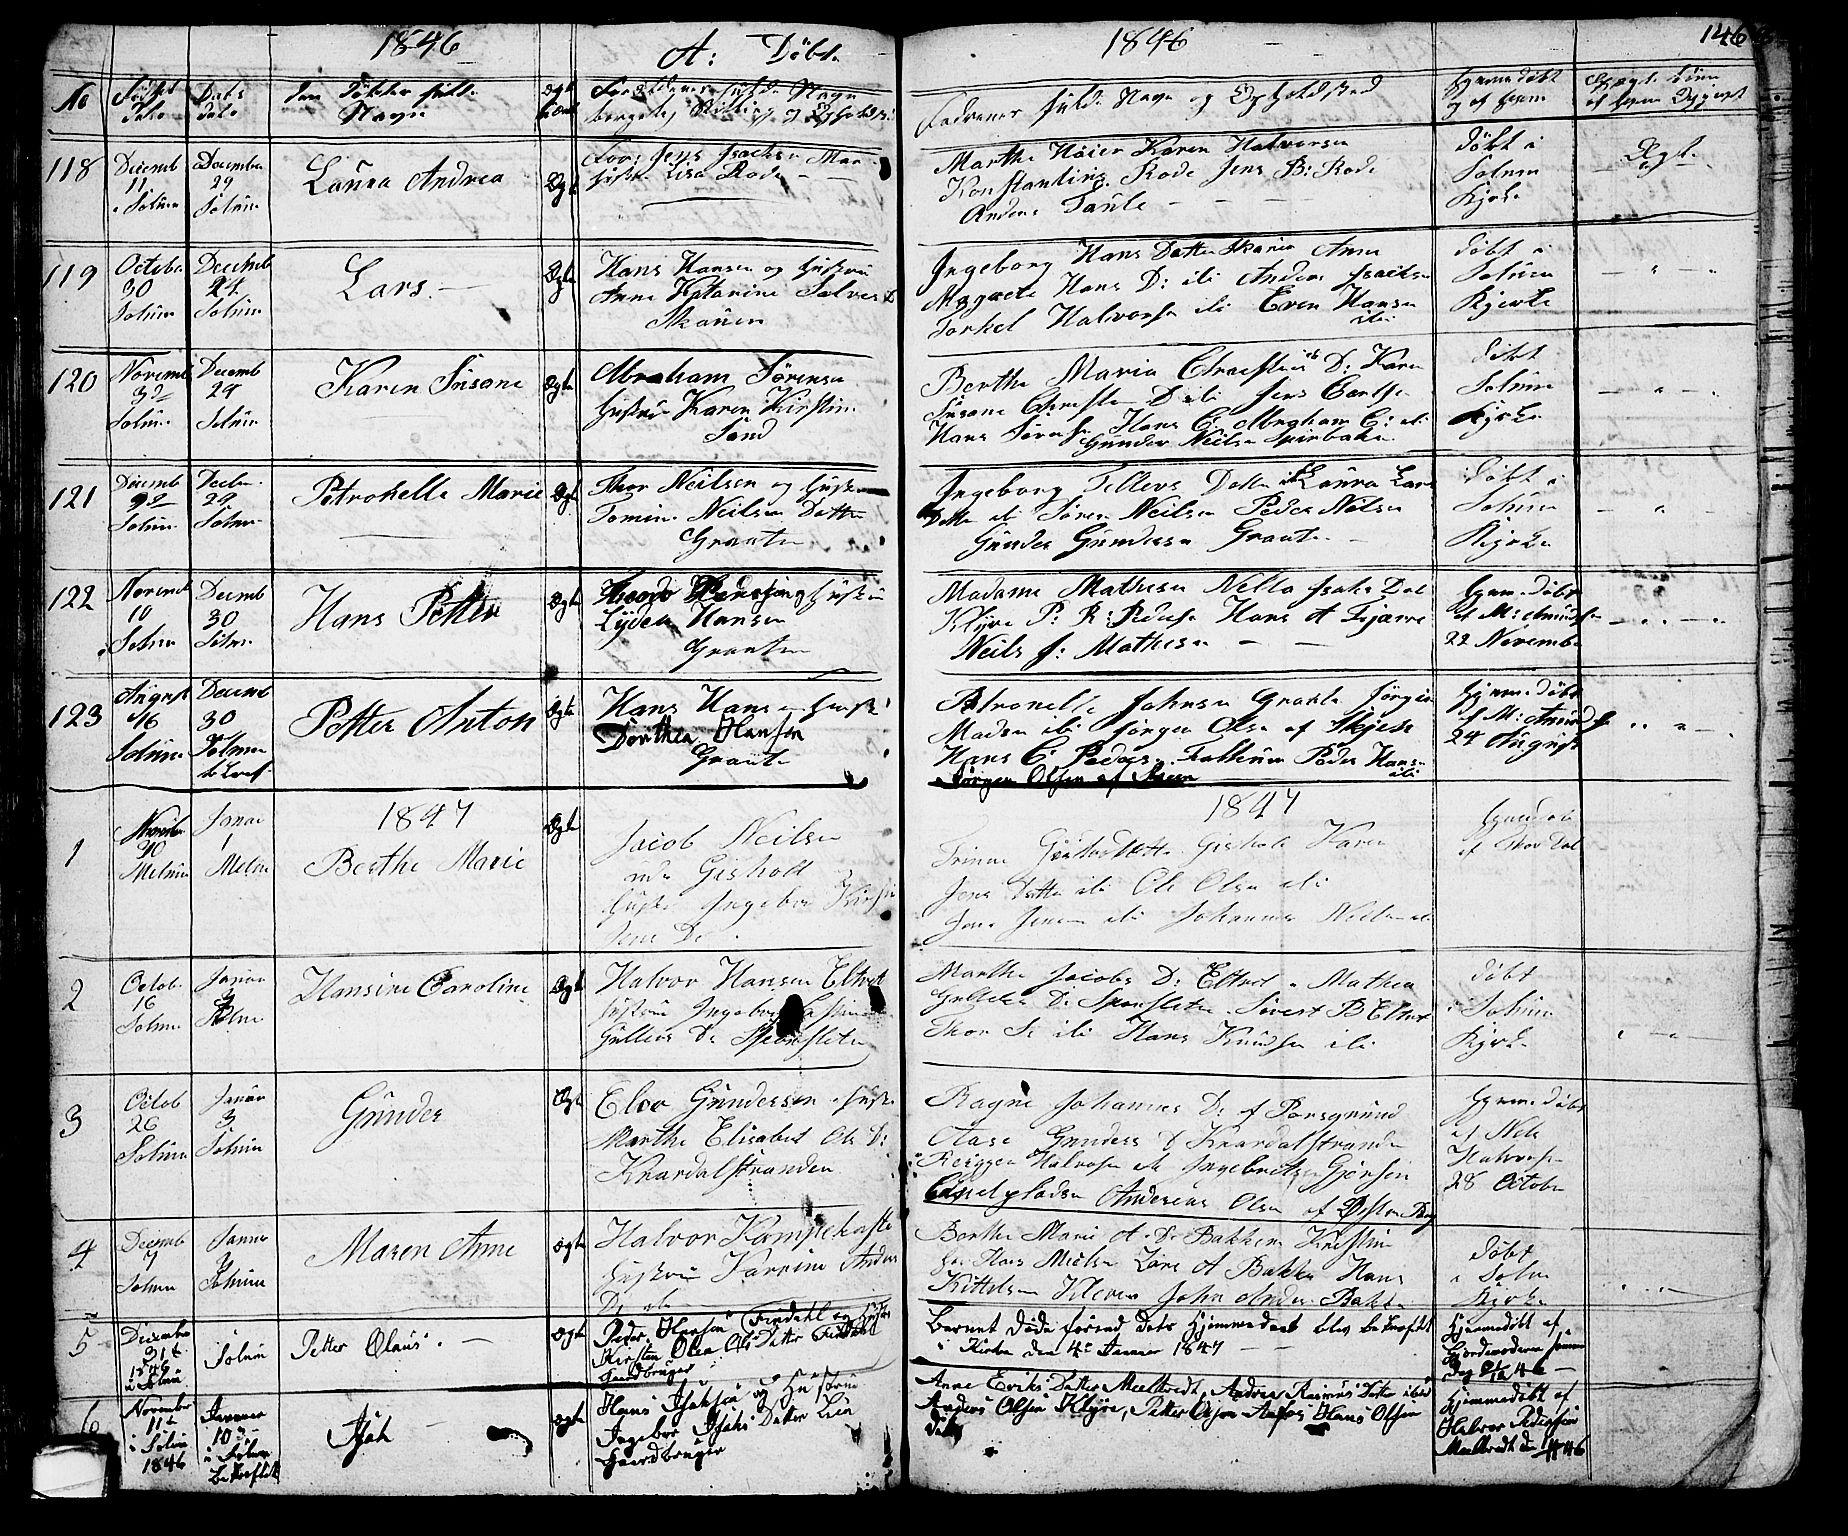 SAKO, Solum kirkebøker, G/Ga/L0002: Klokkerbok nr. I 2, 1834-1848, s. 146